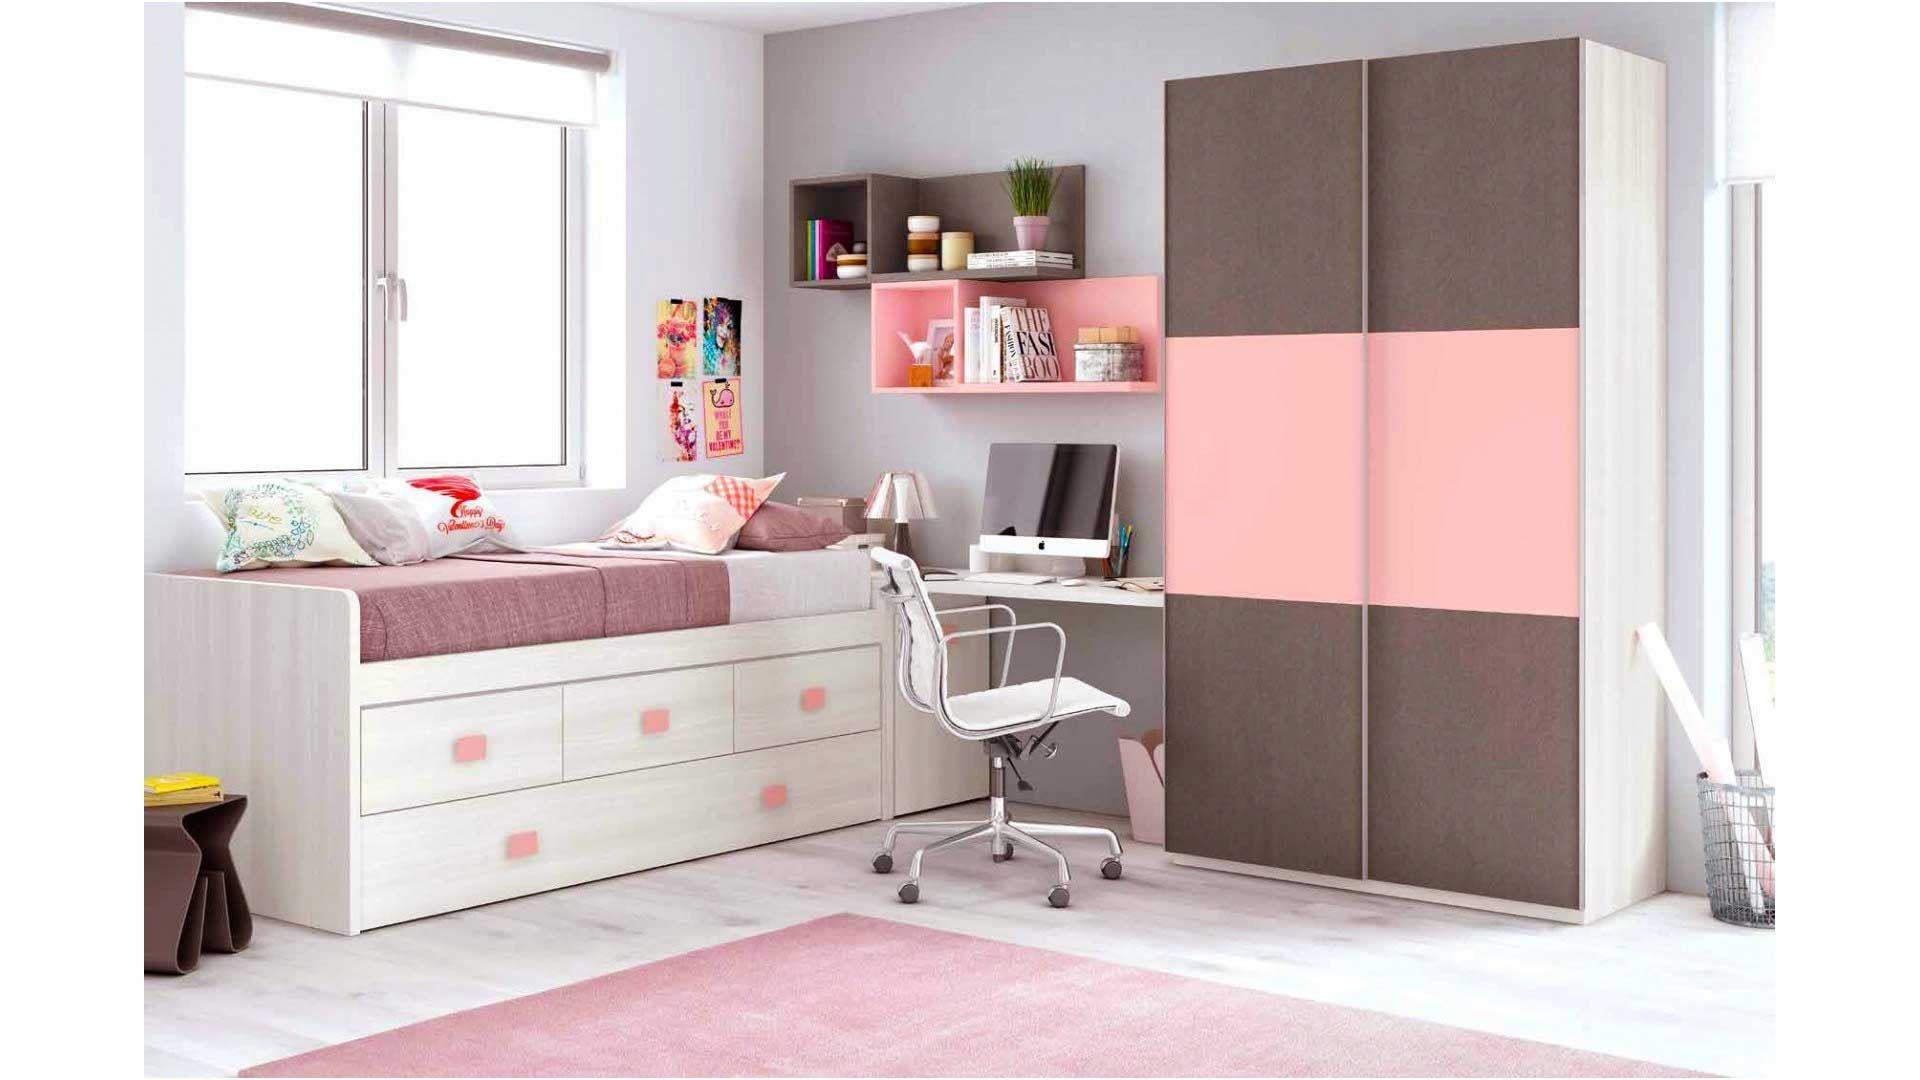 Lit Fille Avec Rangement Nice Chambre Fille Rose Avec Une Armoire Coulissante Glicerio Von Lit ...